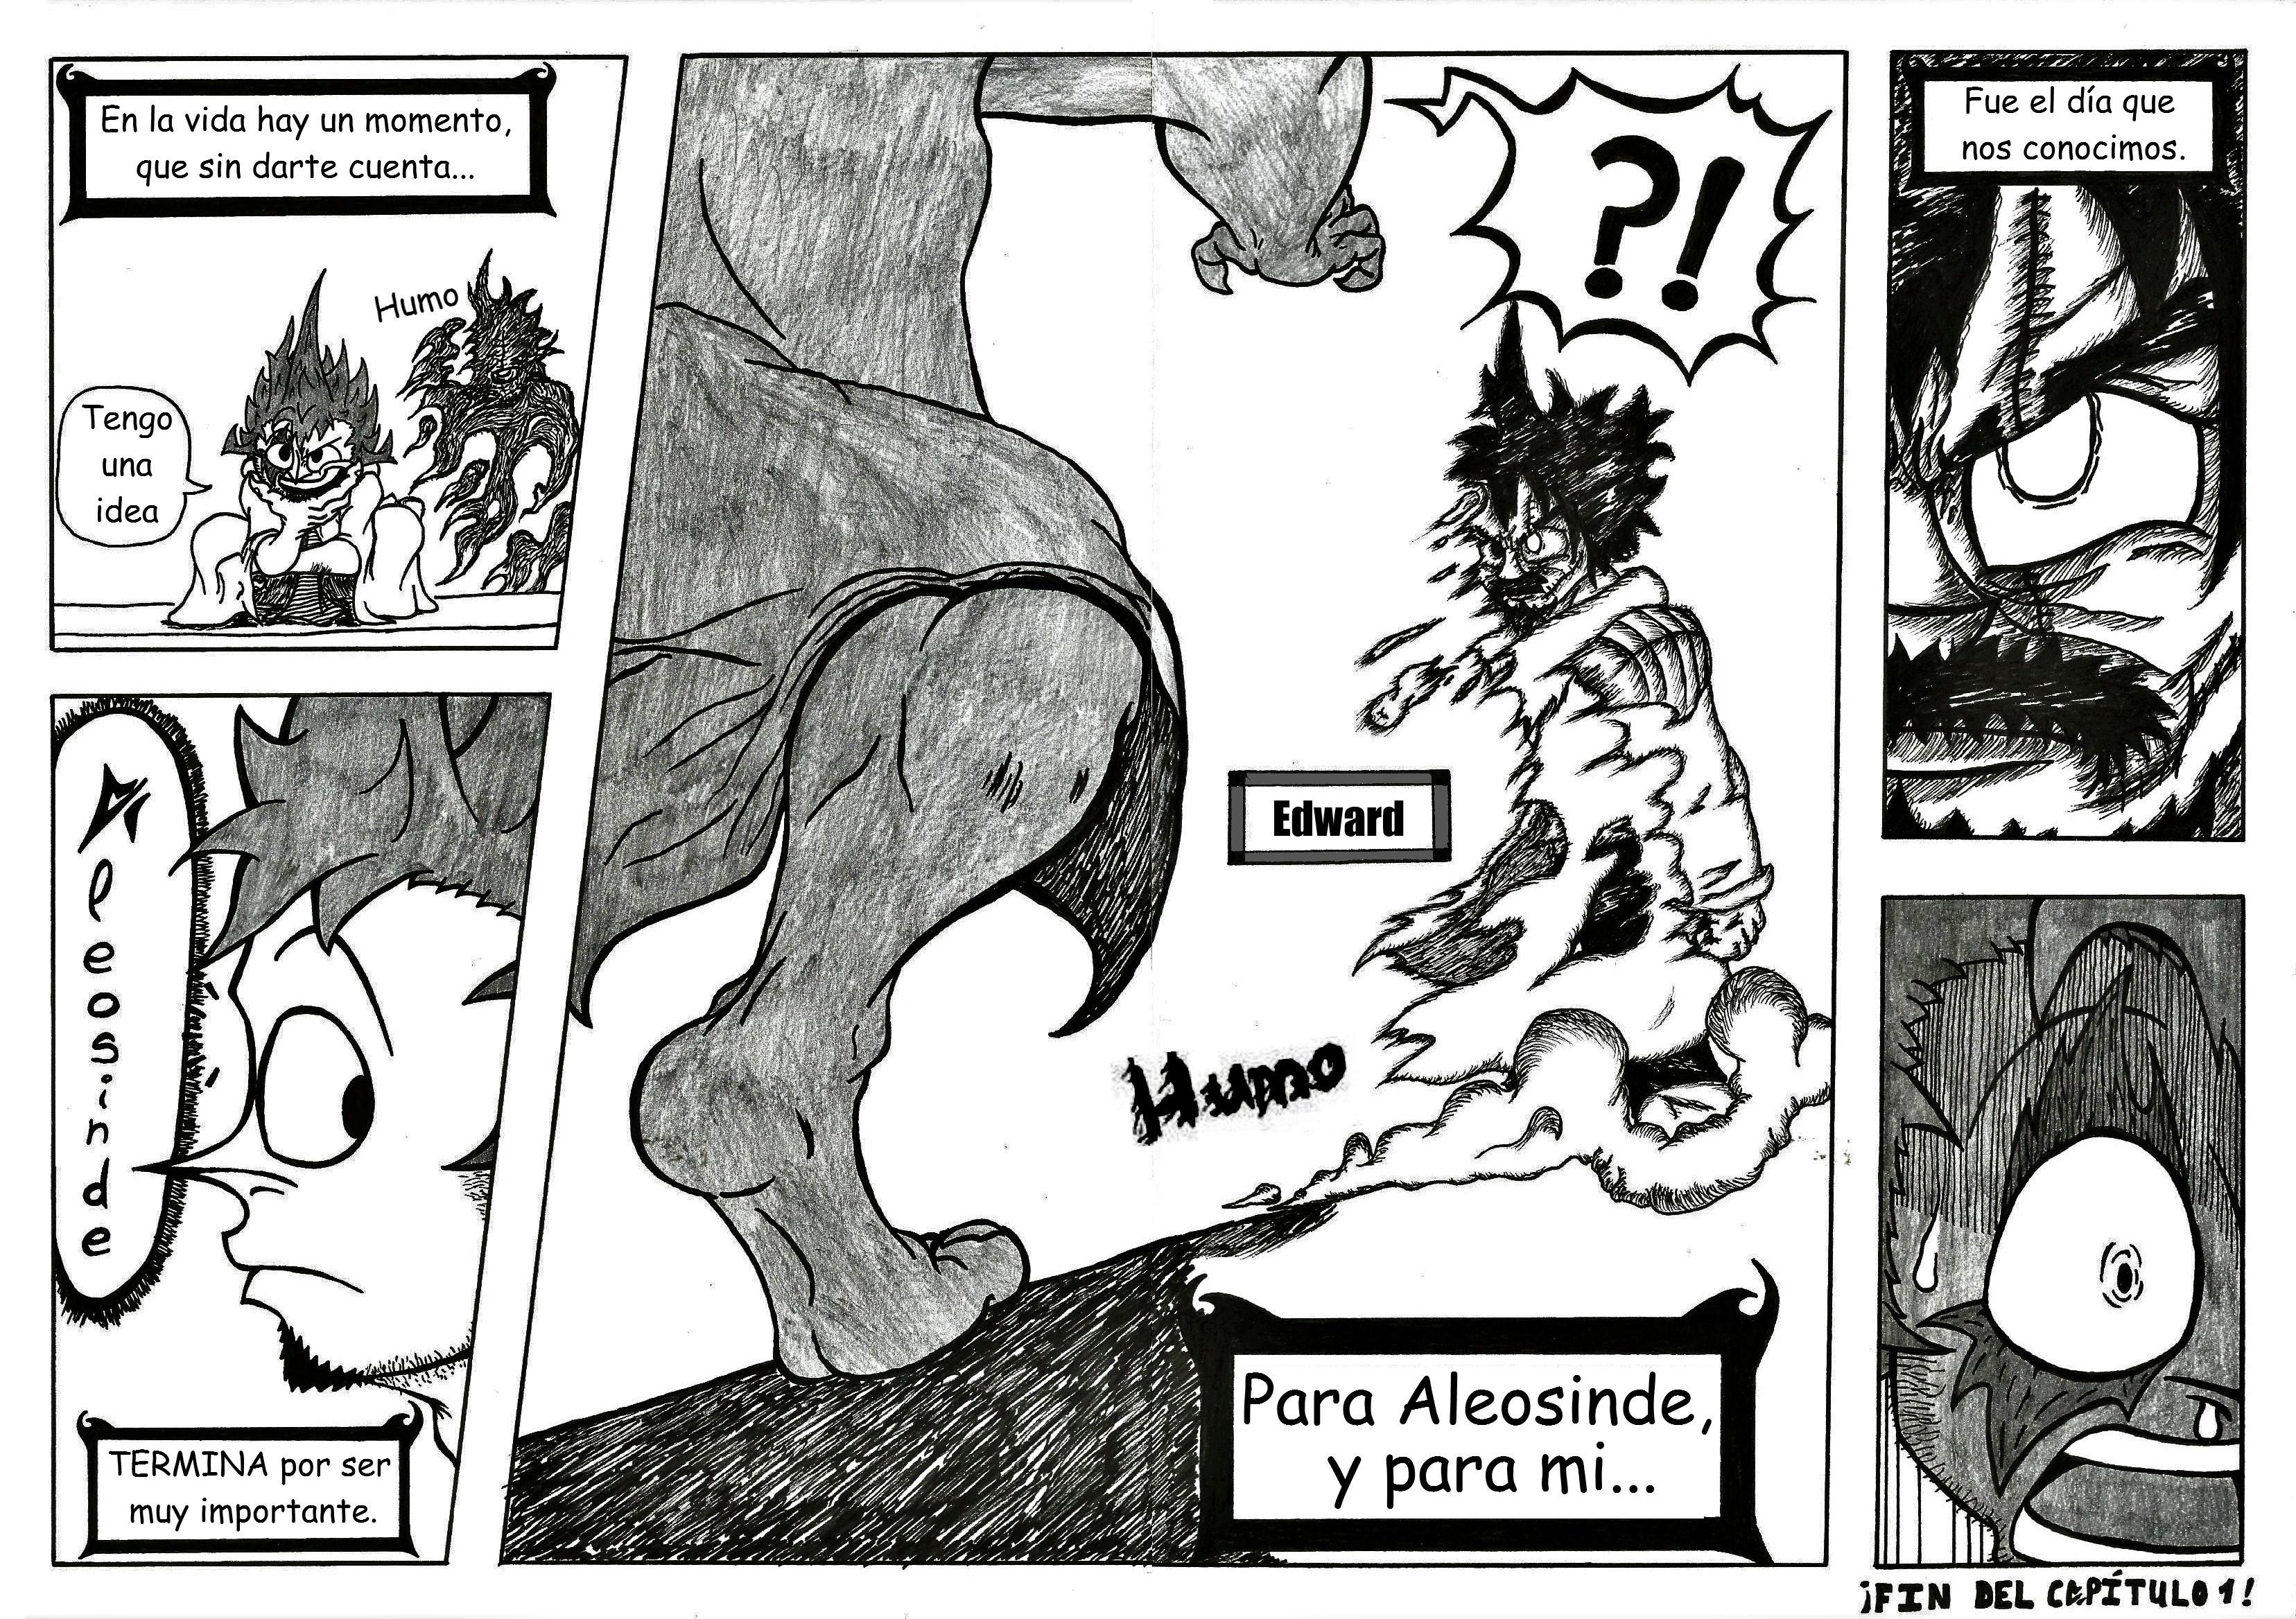 Avatar_01_J_Angel_Casado_Fuster_pagina00045